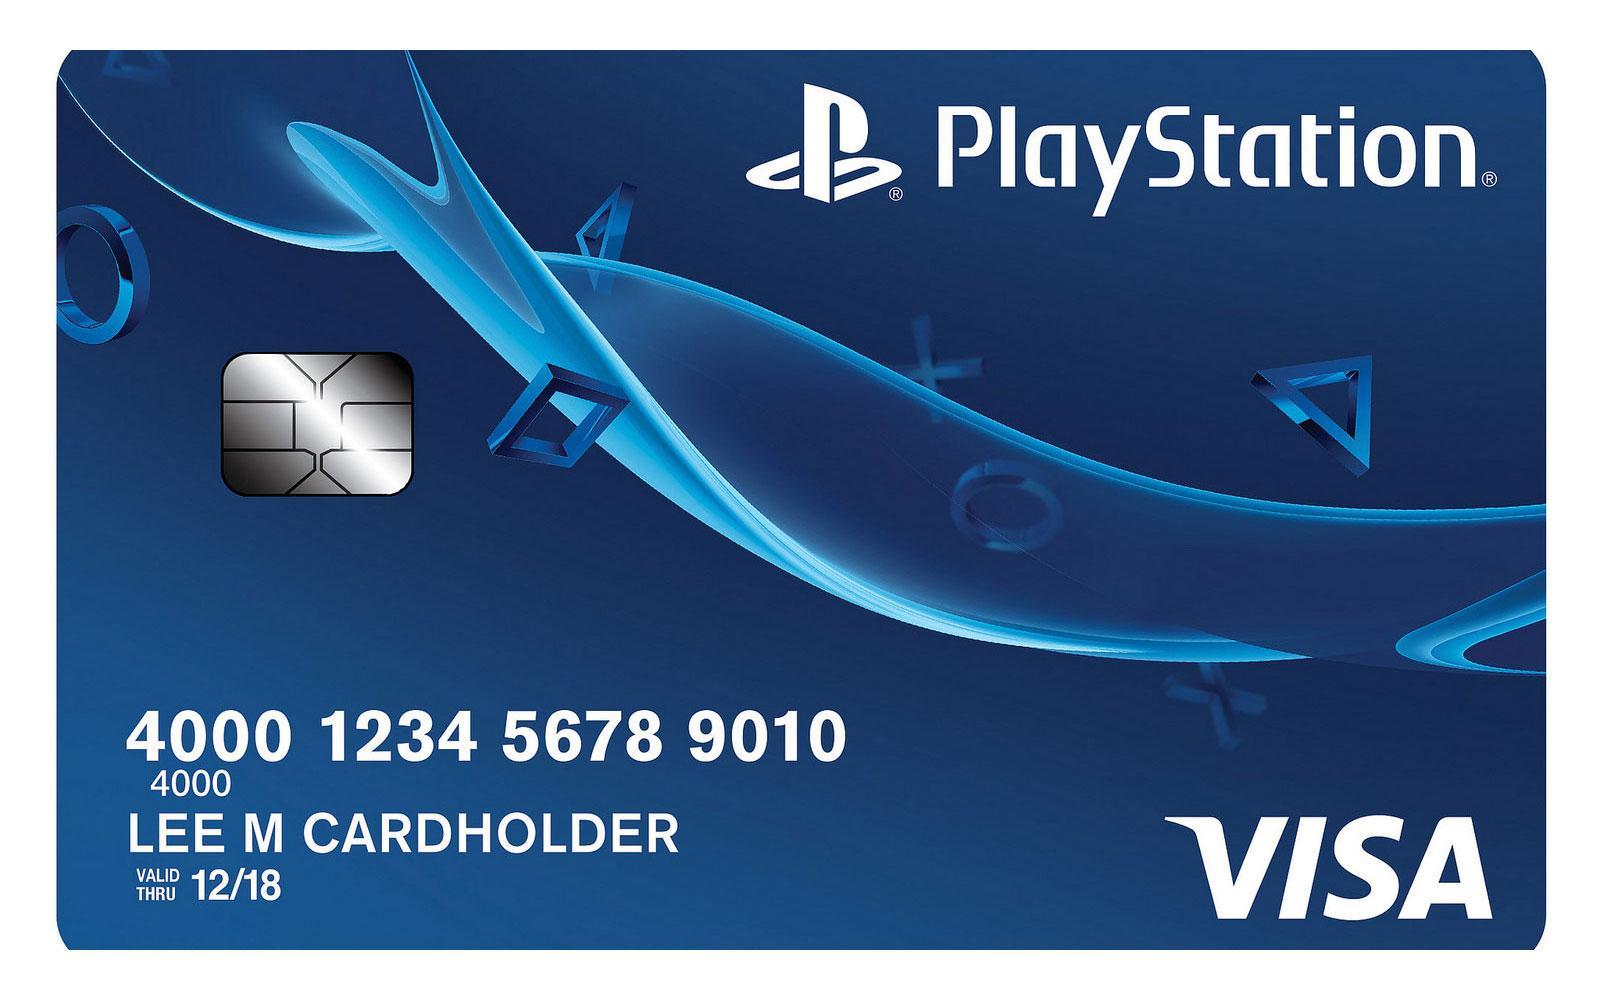 PlayStation выпустила фирменную банковскую карту для игроков